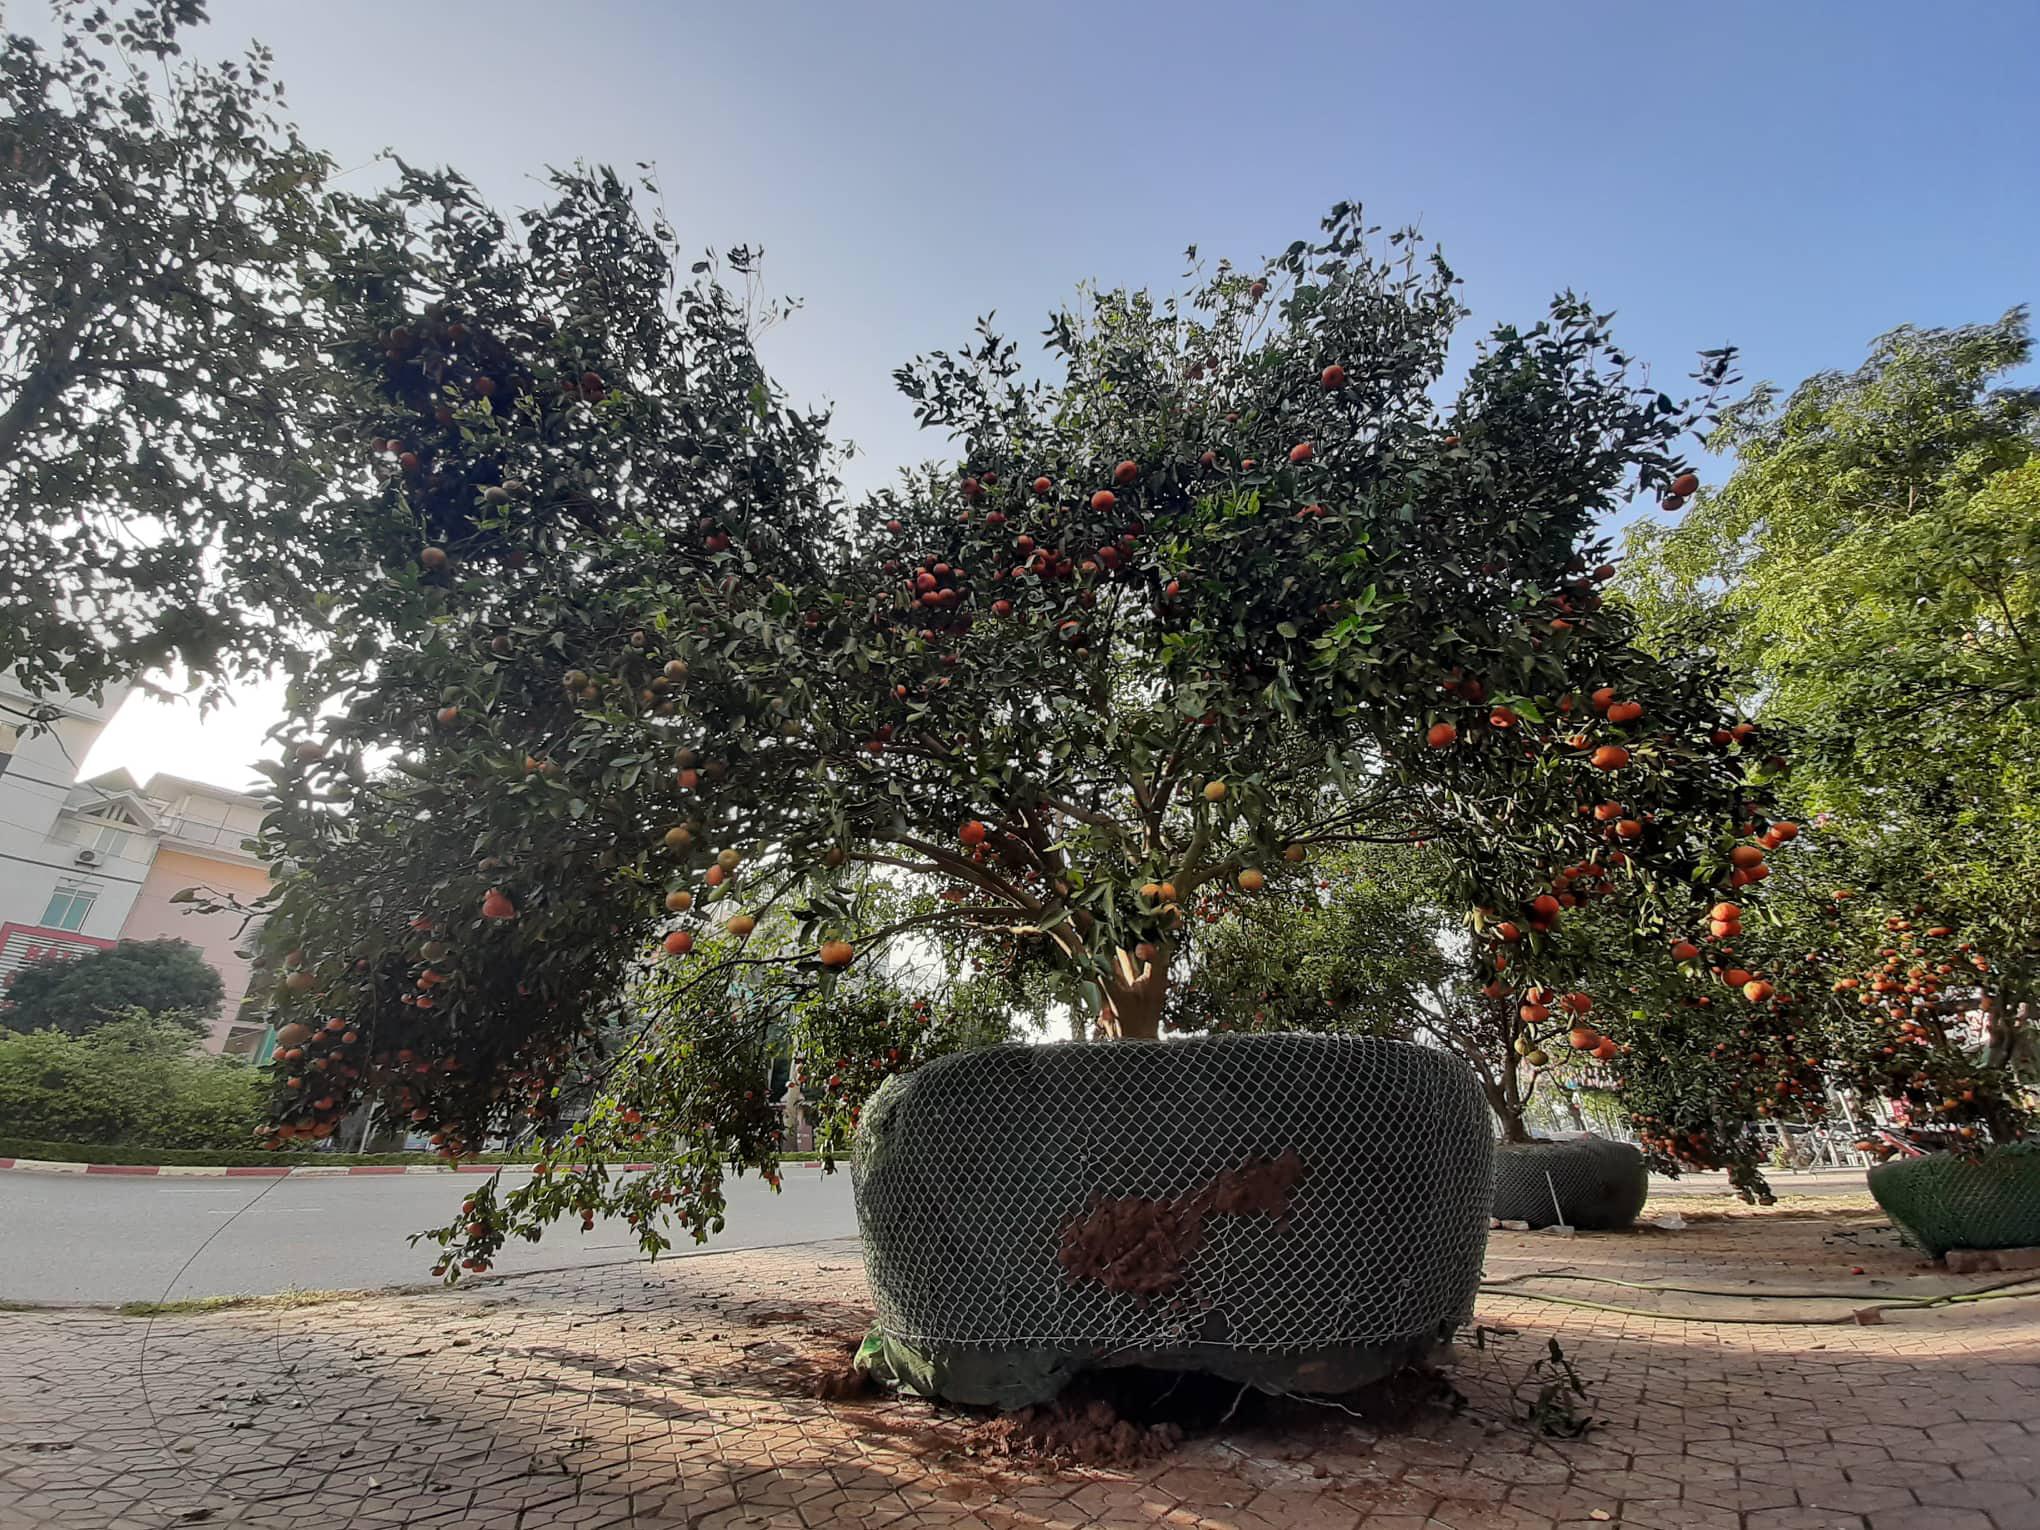 Chiêm ngưỡng cây quýt cổ thụ chưng Tết được đào từ rừng về có giá 100 triệu đồng - Ảnh 1.